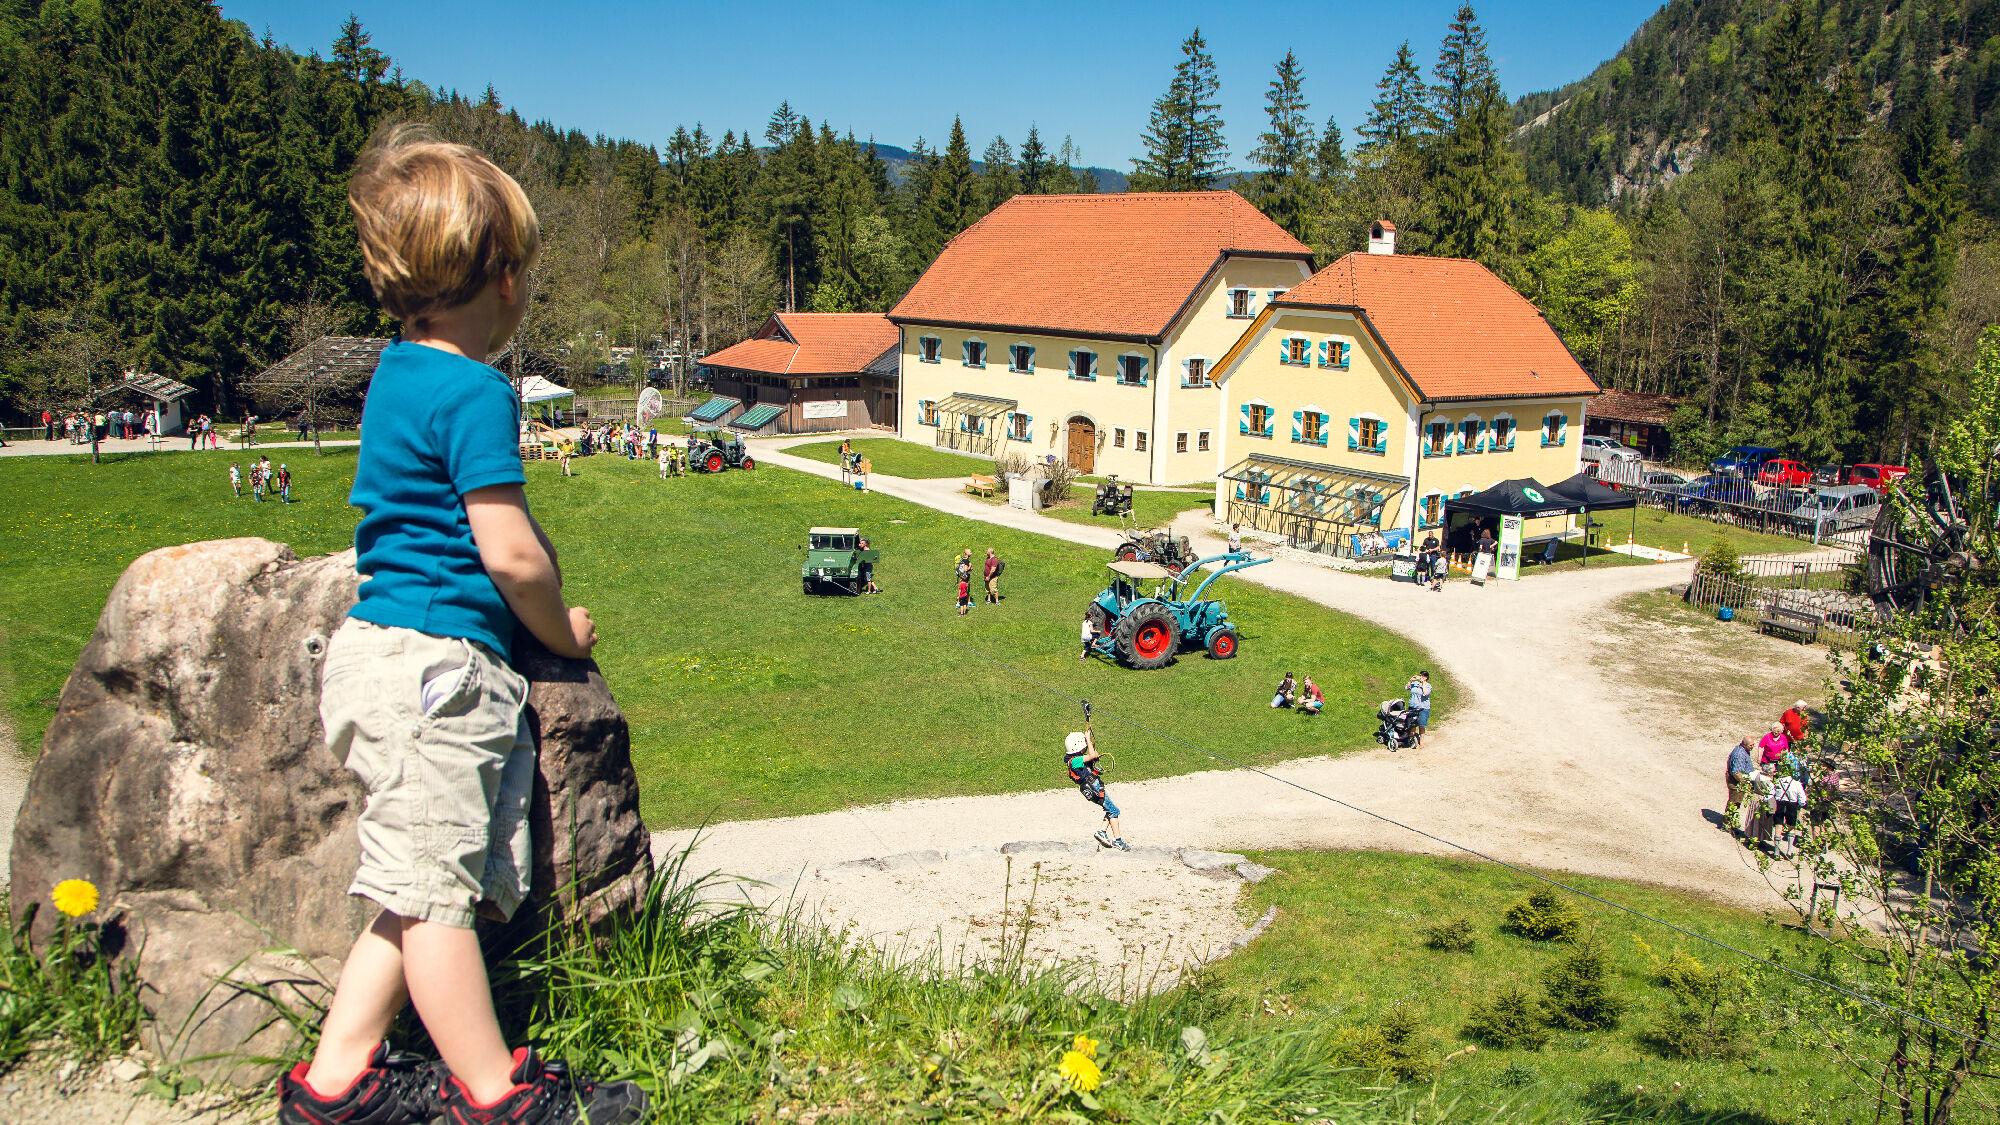 Familienurlaub in Ruhpolding und Inzell